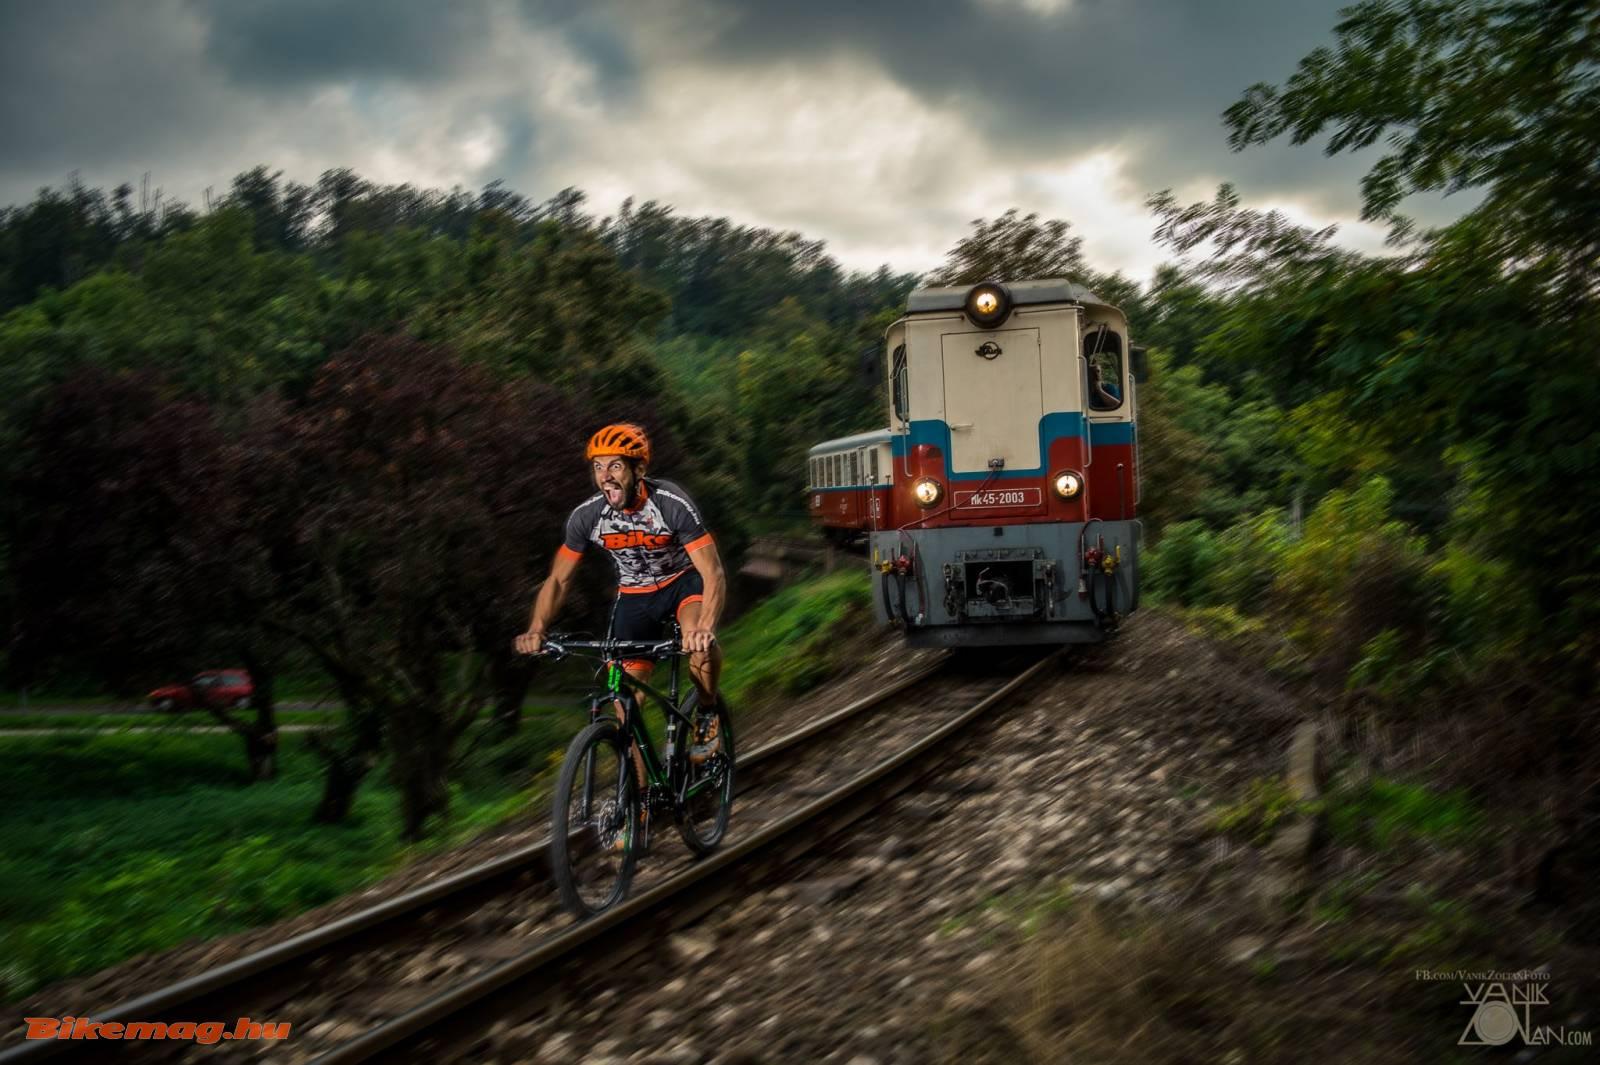 GT Zaskar Carbon Expert kerékpárteszt (a képen profi tesztelő látható, semmiképpen ne próbálj hasonlót, életveszélyes! / Pro tester, never try this at home, extremlely dangerous!)